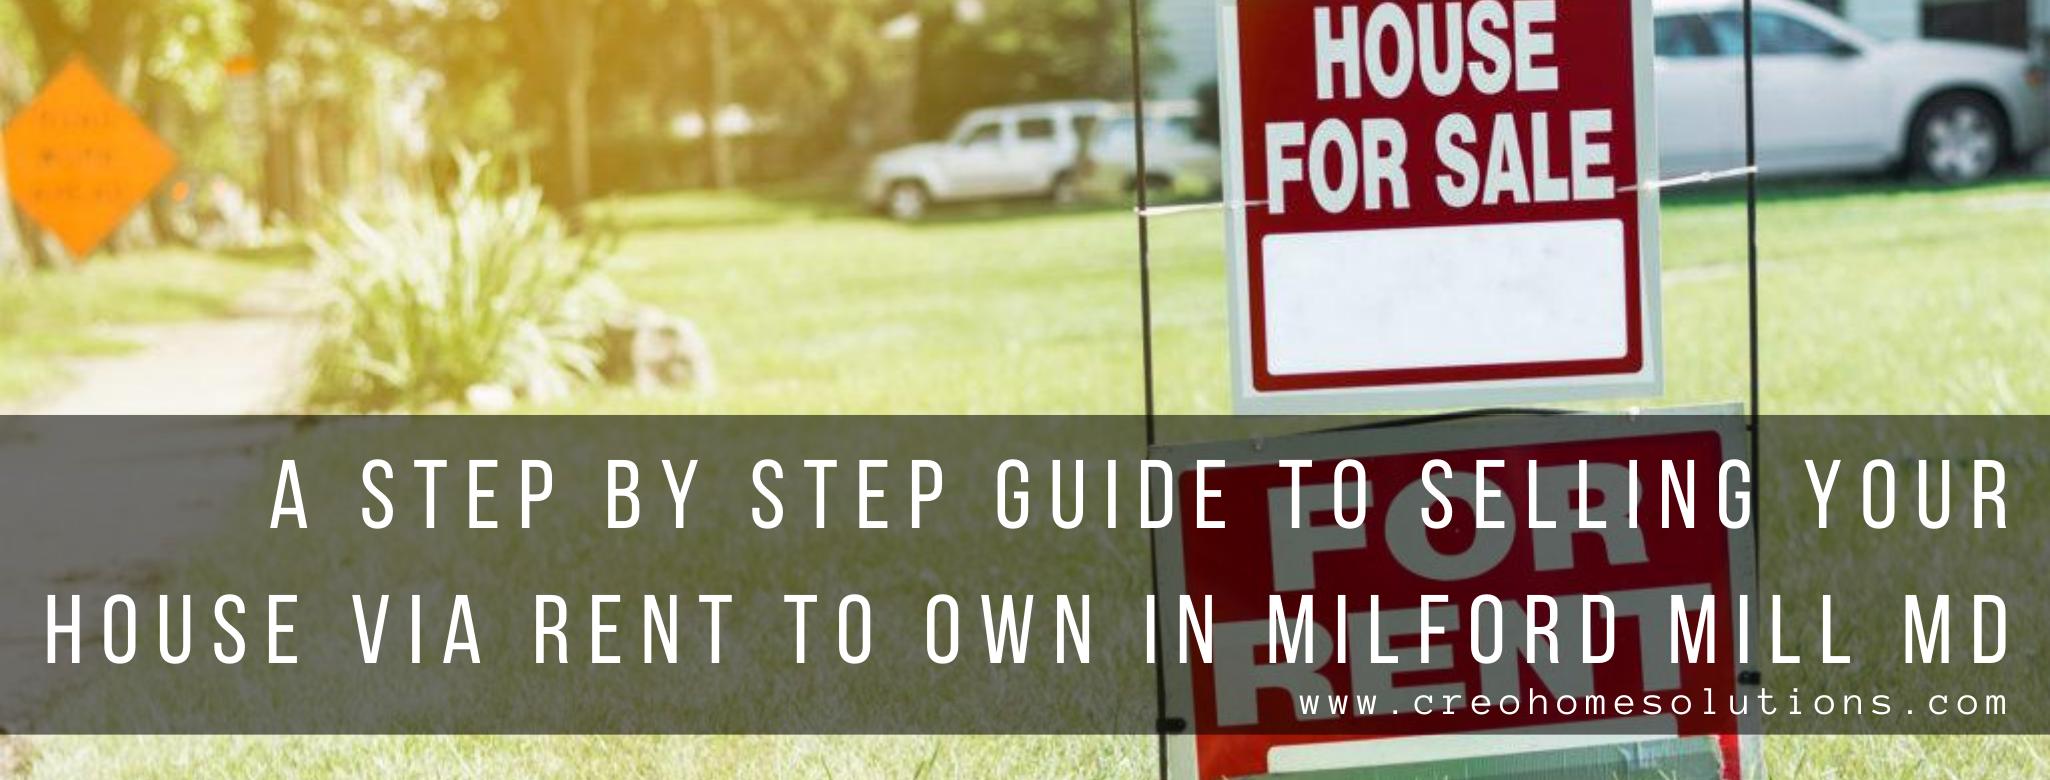 We buy properties in Milford Mill MD